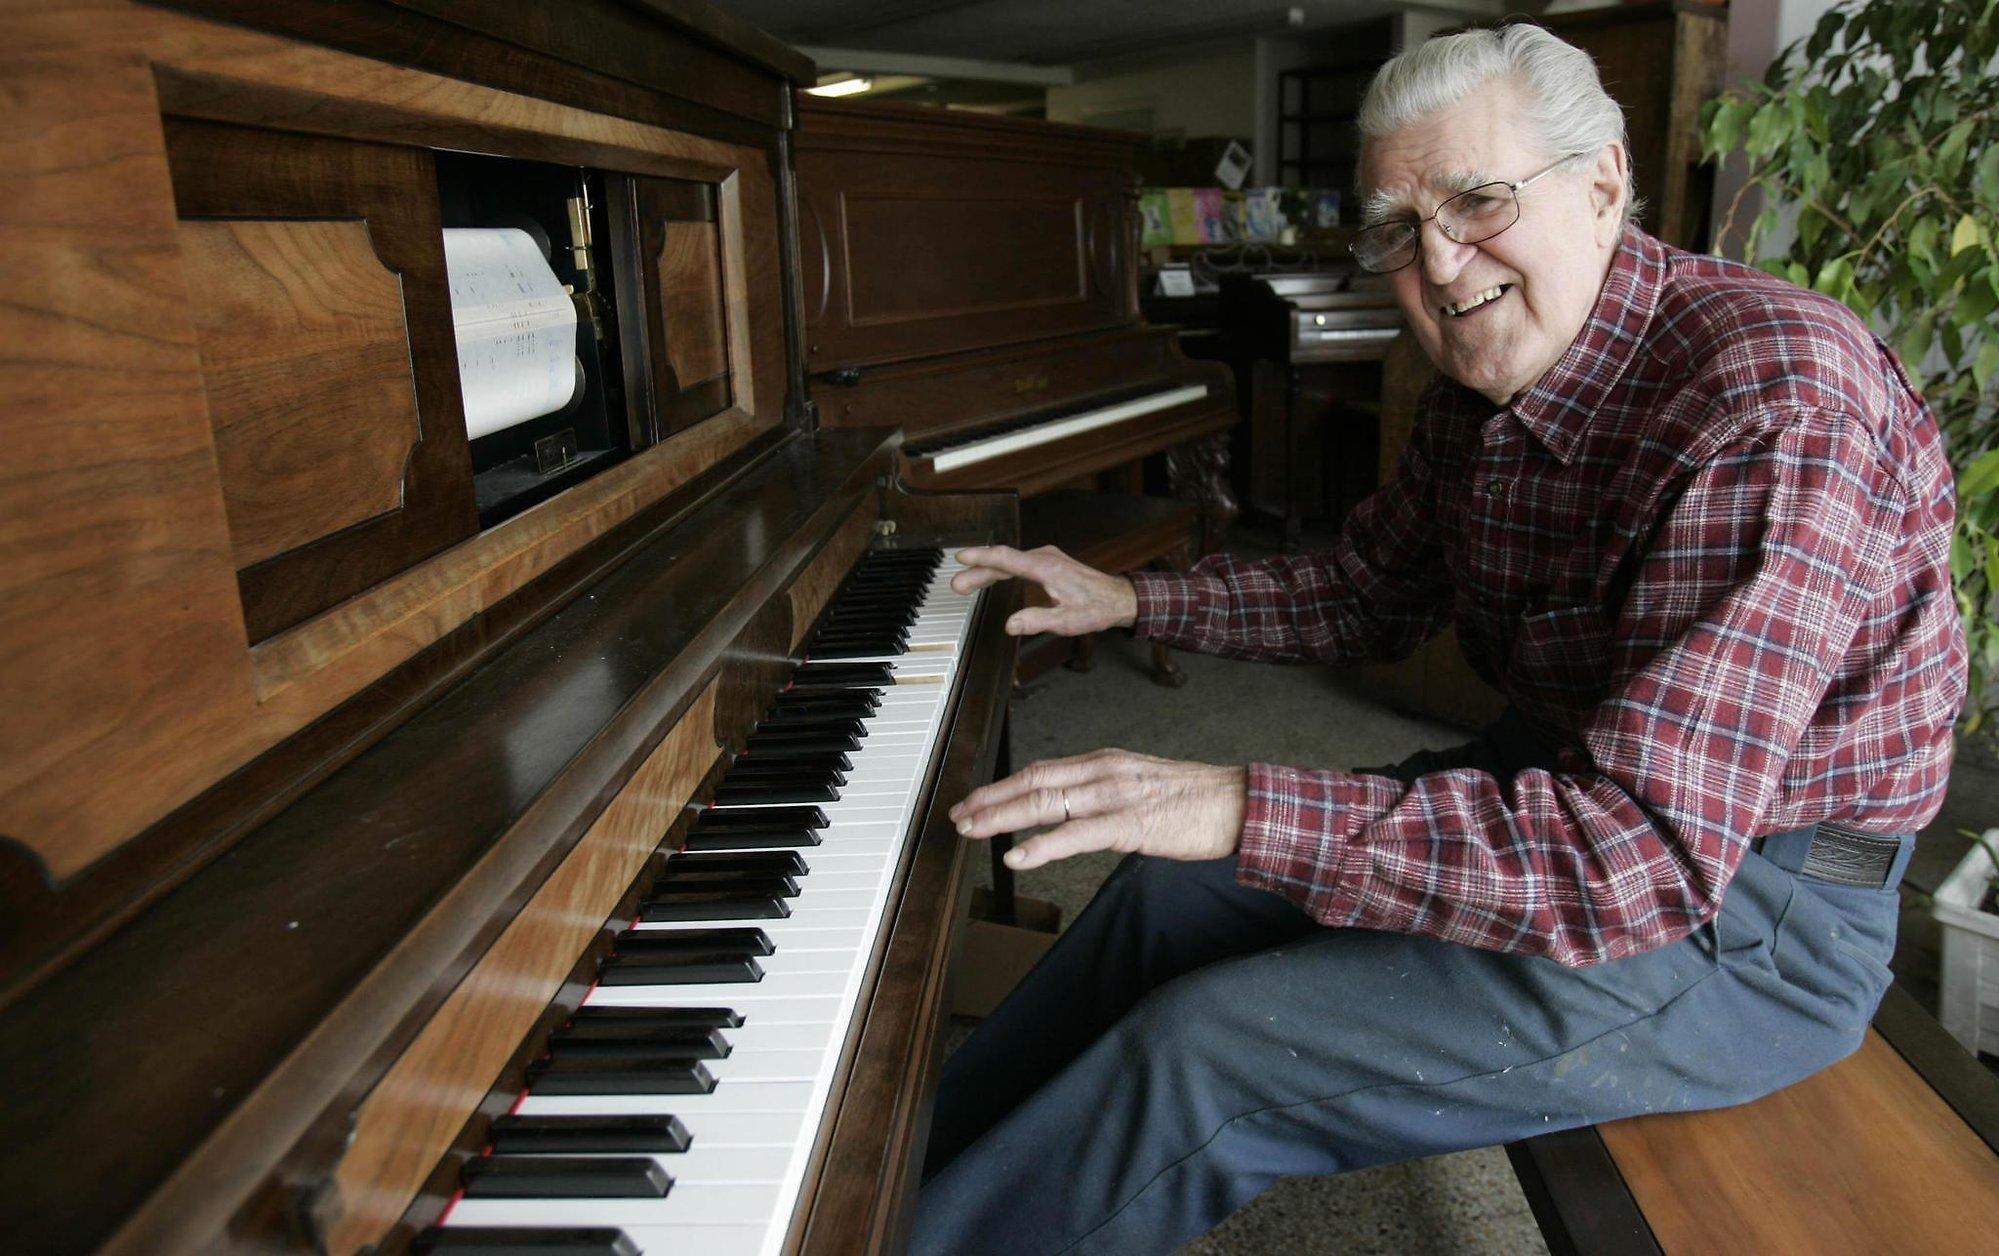 Có vẻ như có rất ít hy vọng cho những người học piano muộn. Tuy nhiên, bắt đầu học piano ở độ tuổi thiếu niên, 20, 30, 60, và hơn thế nữa, cũng có rất nhiều lợi thế.